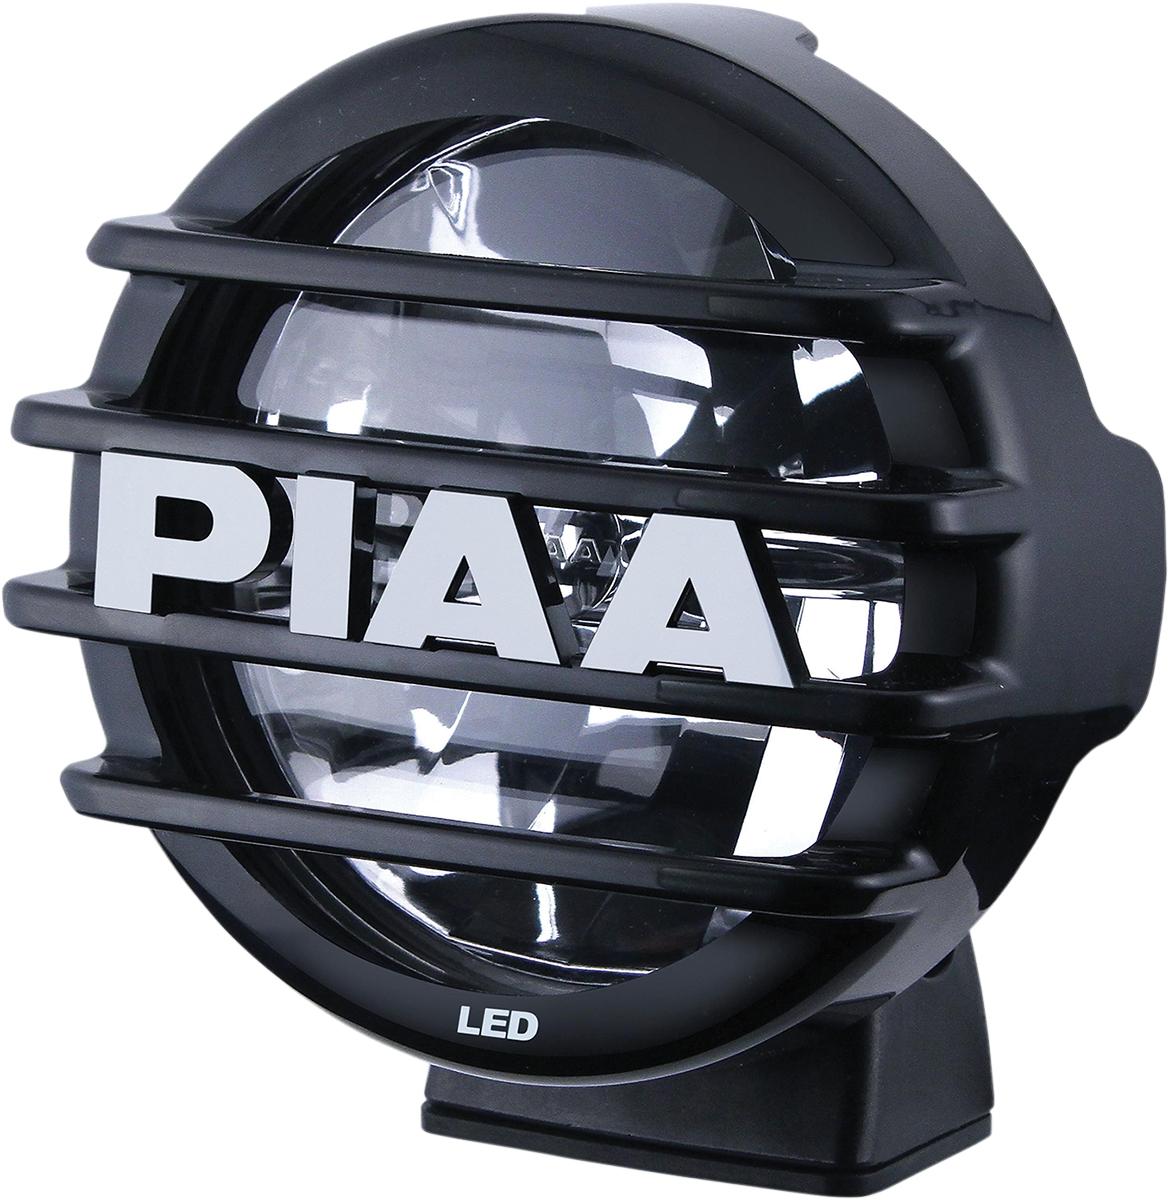 PIAA 550 LED Driving Light Kit